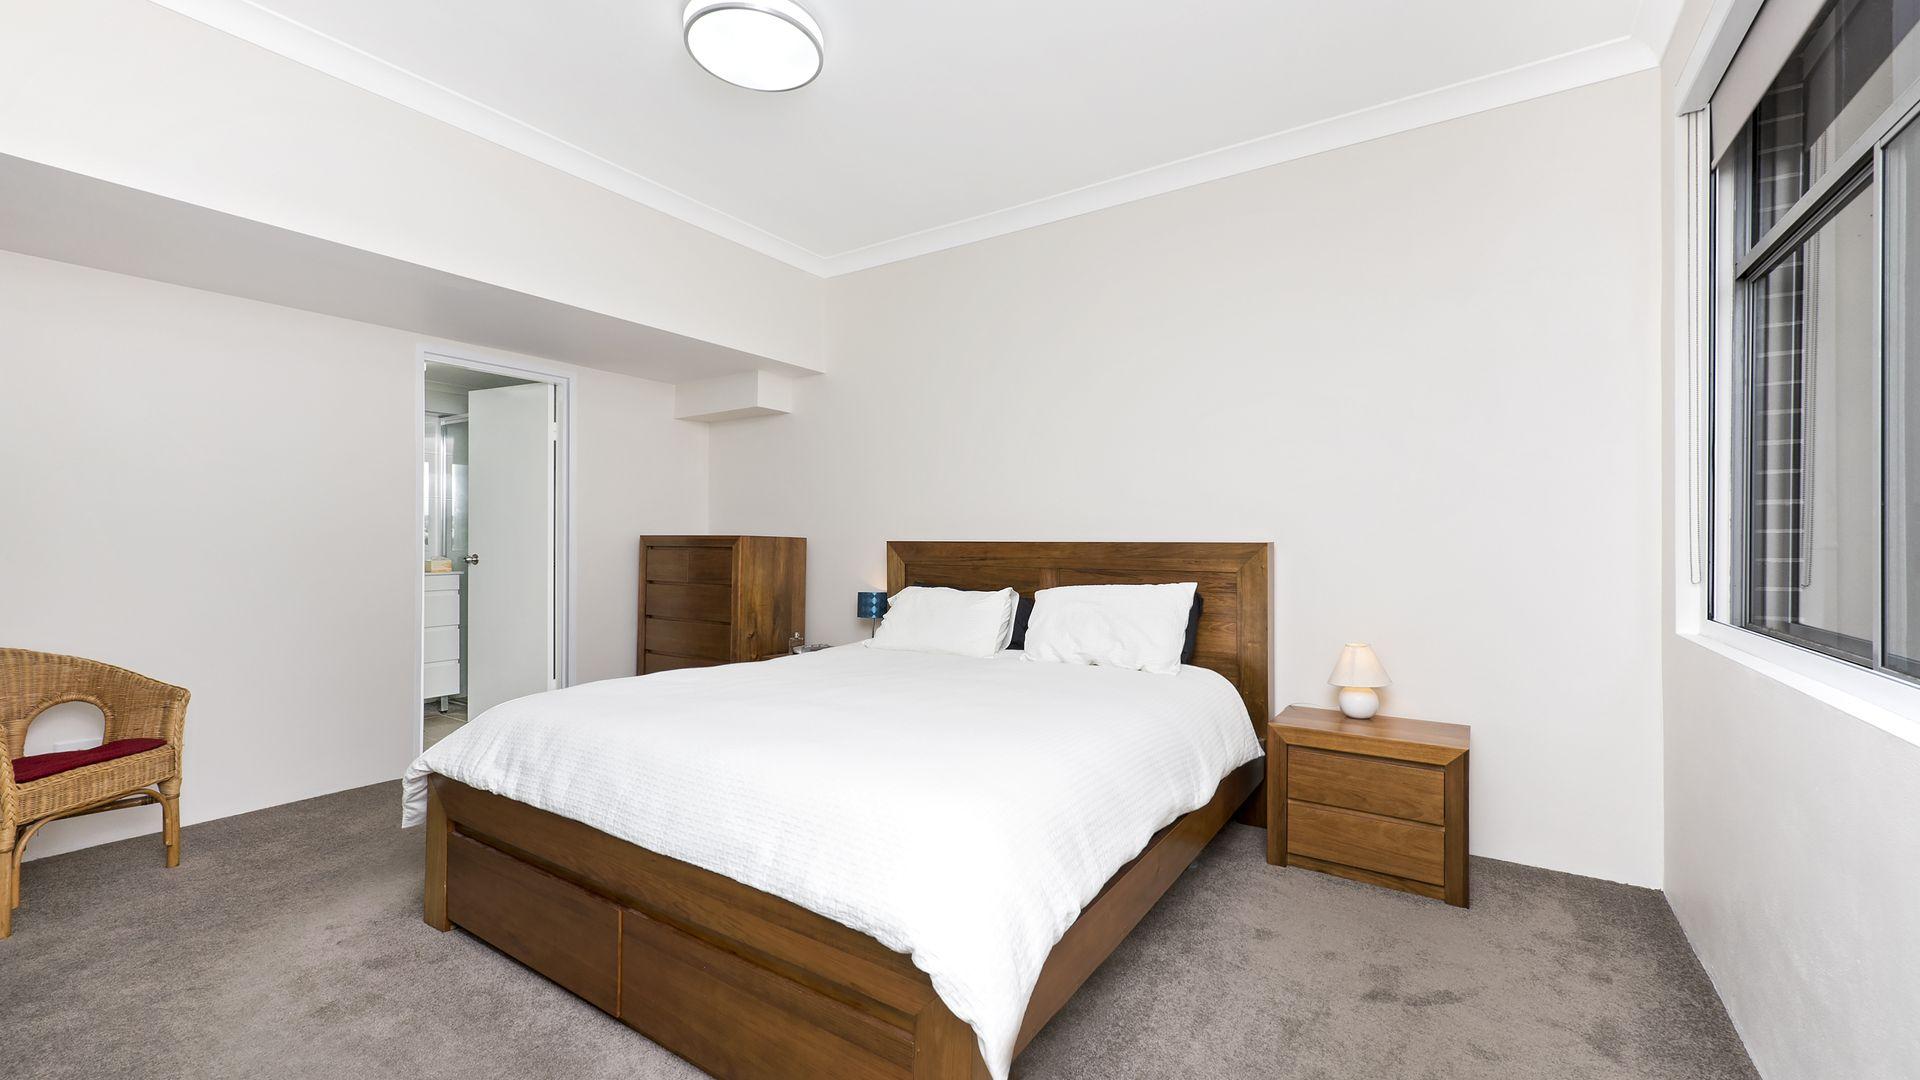 7/411 Illawarra Road, Marrickville NSW 2204, Image 2